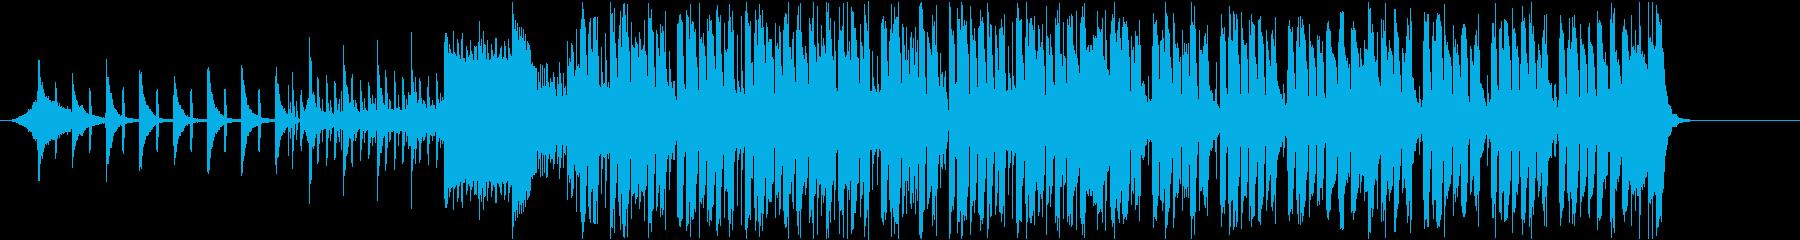 おしゃれで爽やかなEDMの再生済みの波形